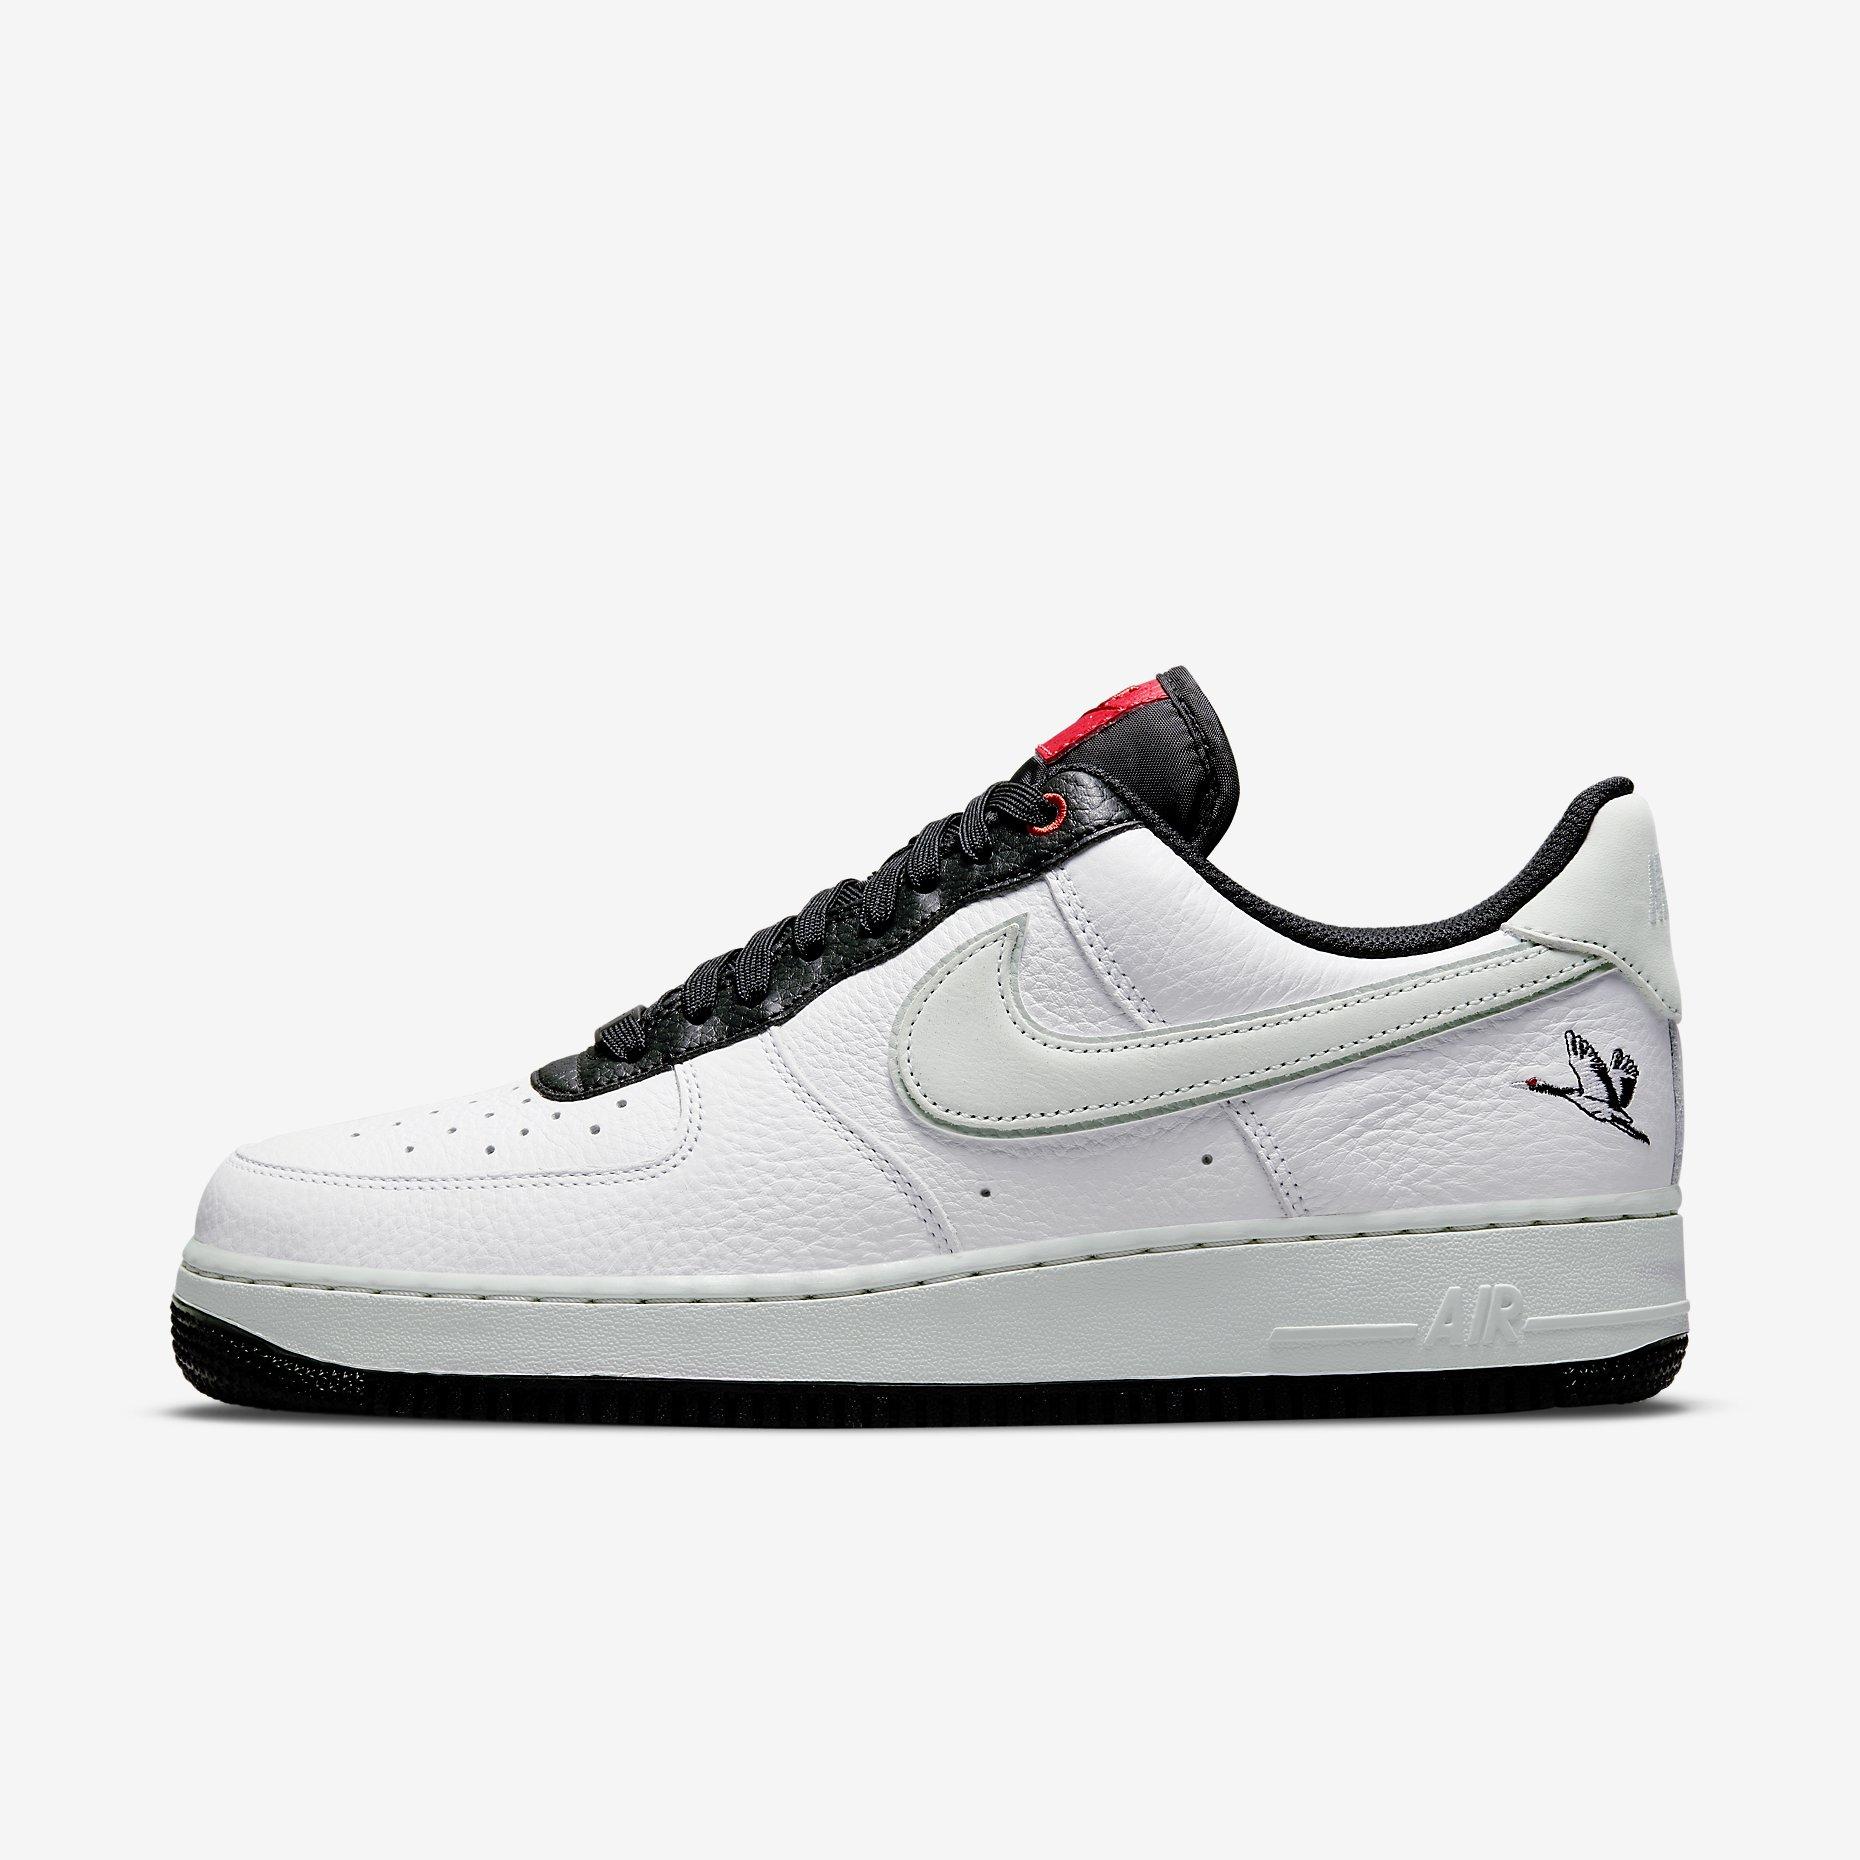 Nike Air Force 1 '07 LX 'Crane'